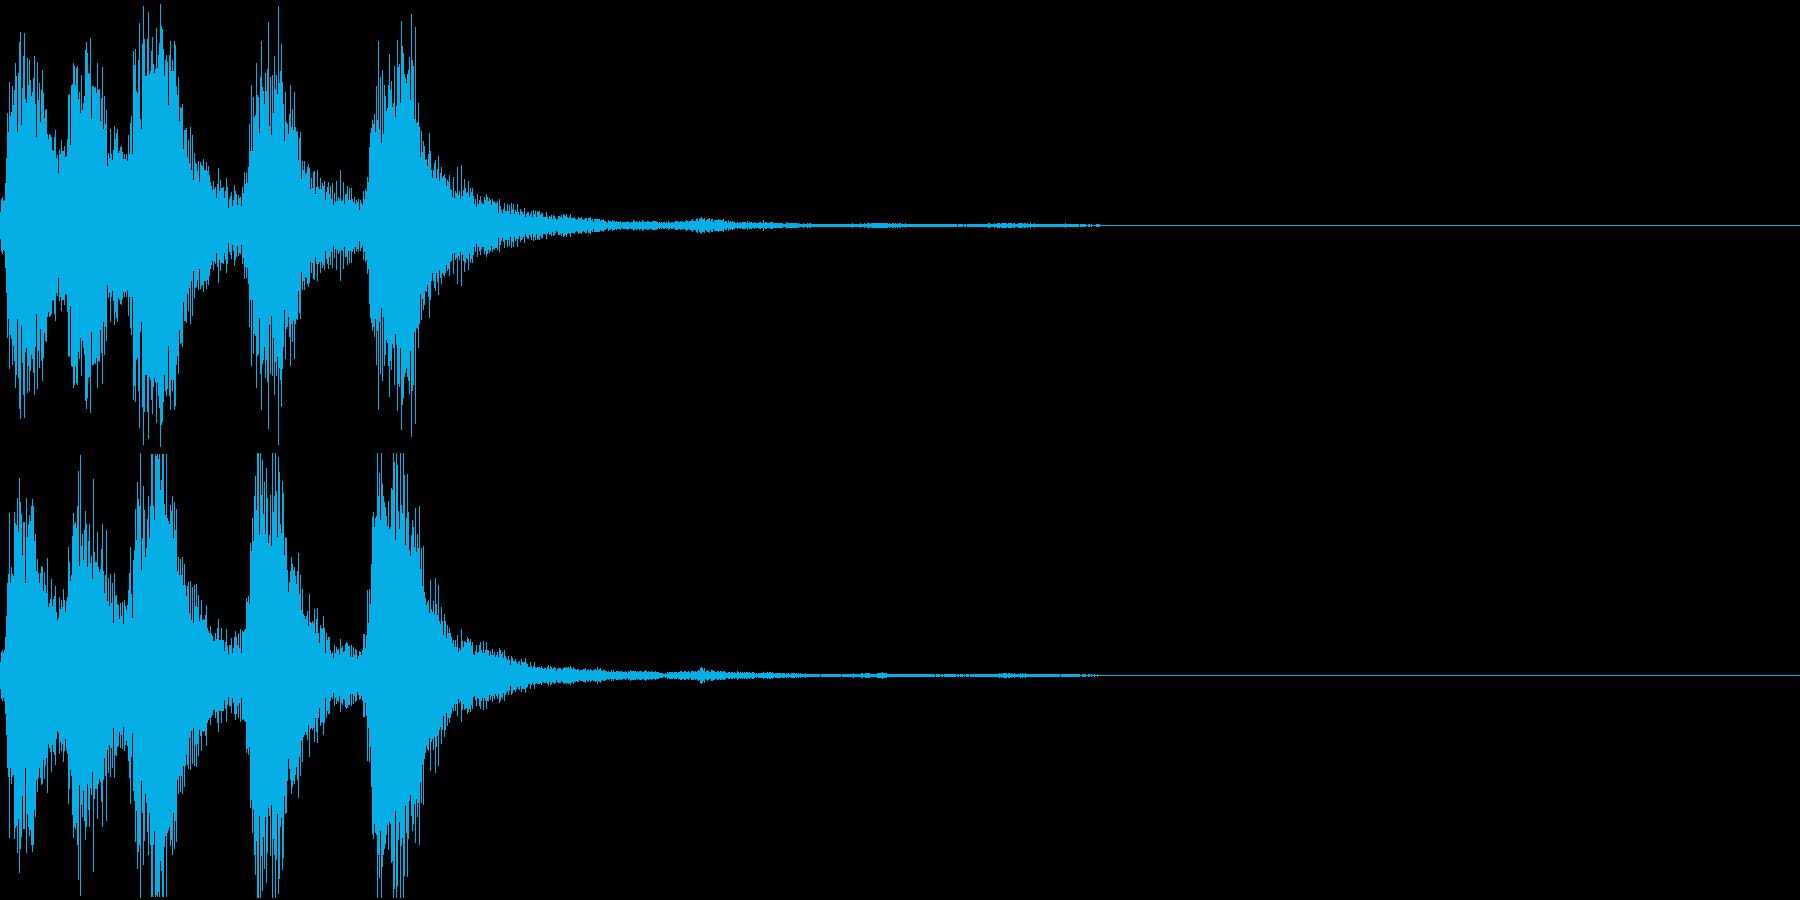 ラッパ ファンファーレ 定番 11の再生済みの波形